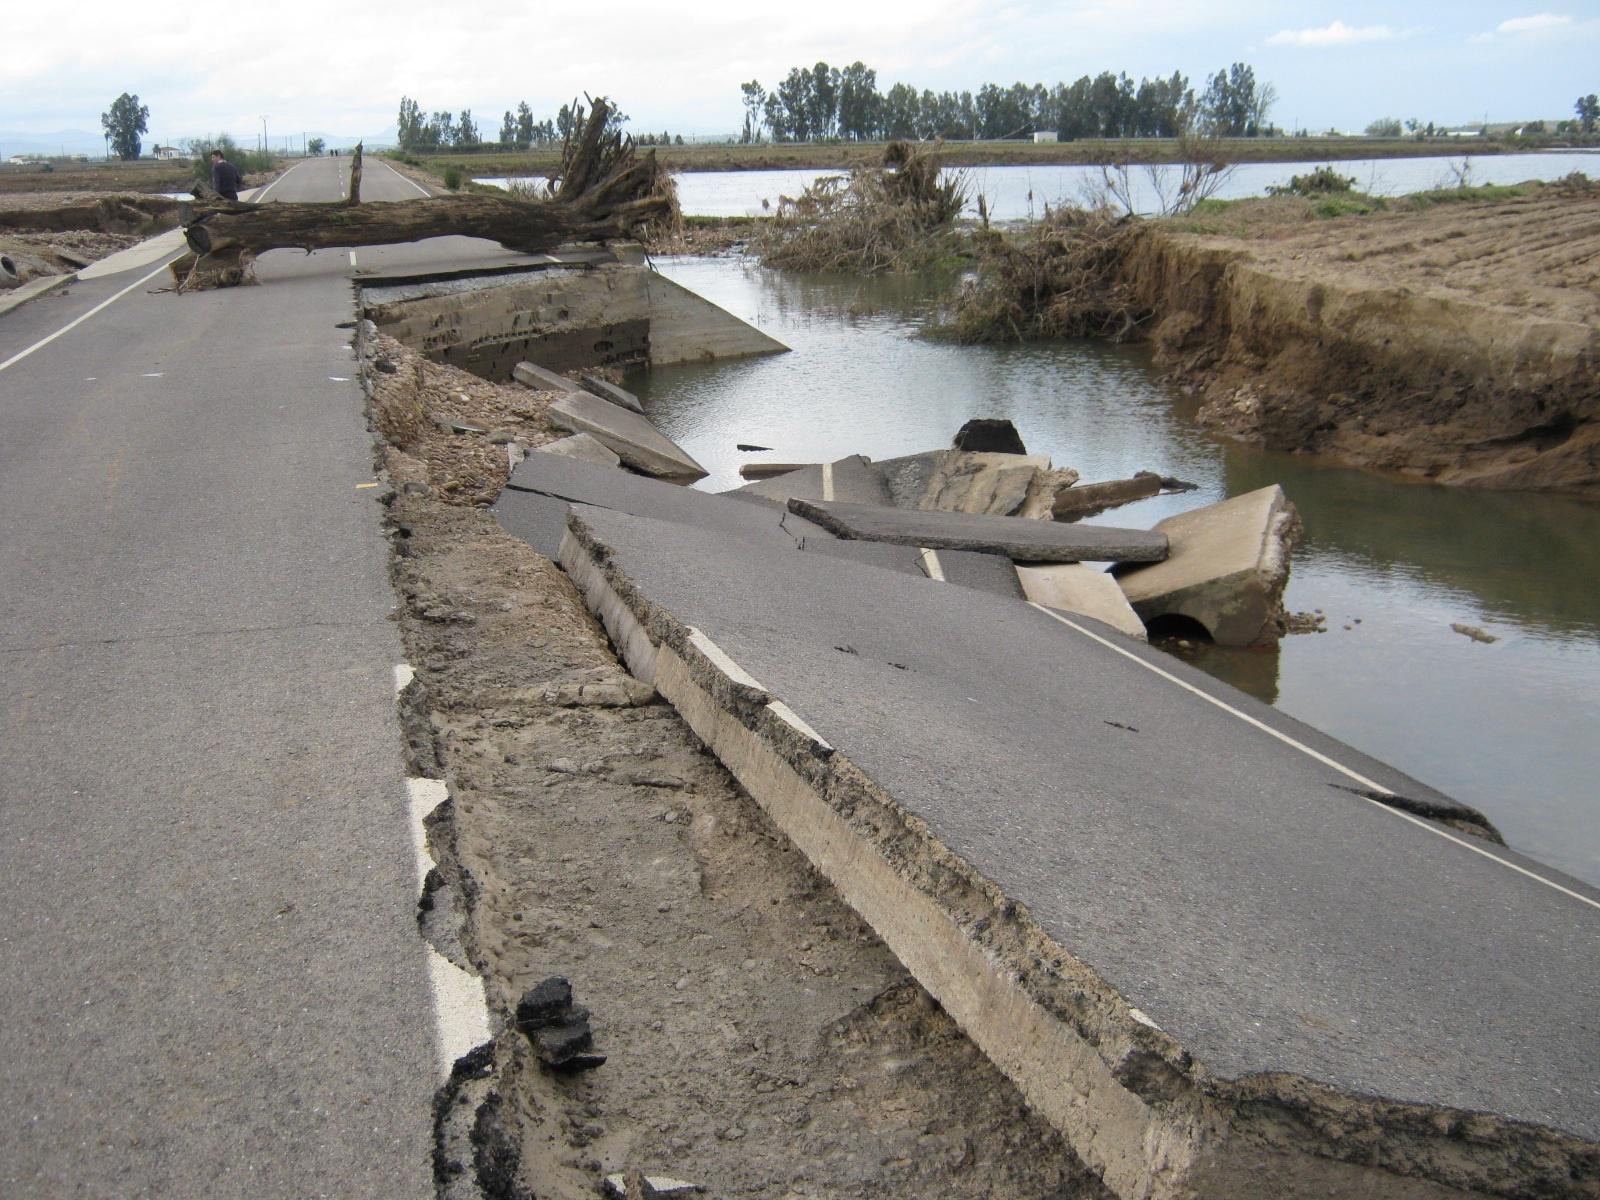 La reparación del tramo BA-142 de Valdetorres a Yelbes, afectado por las inundaciones supera el millón de euros